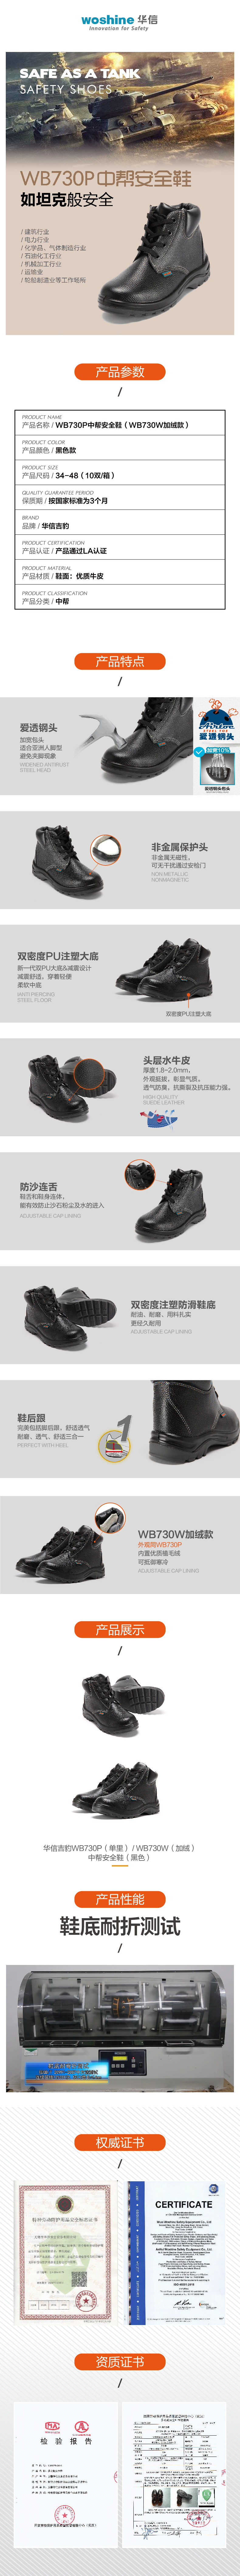 WB730P 安全鞋